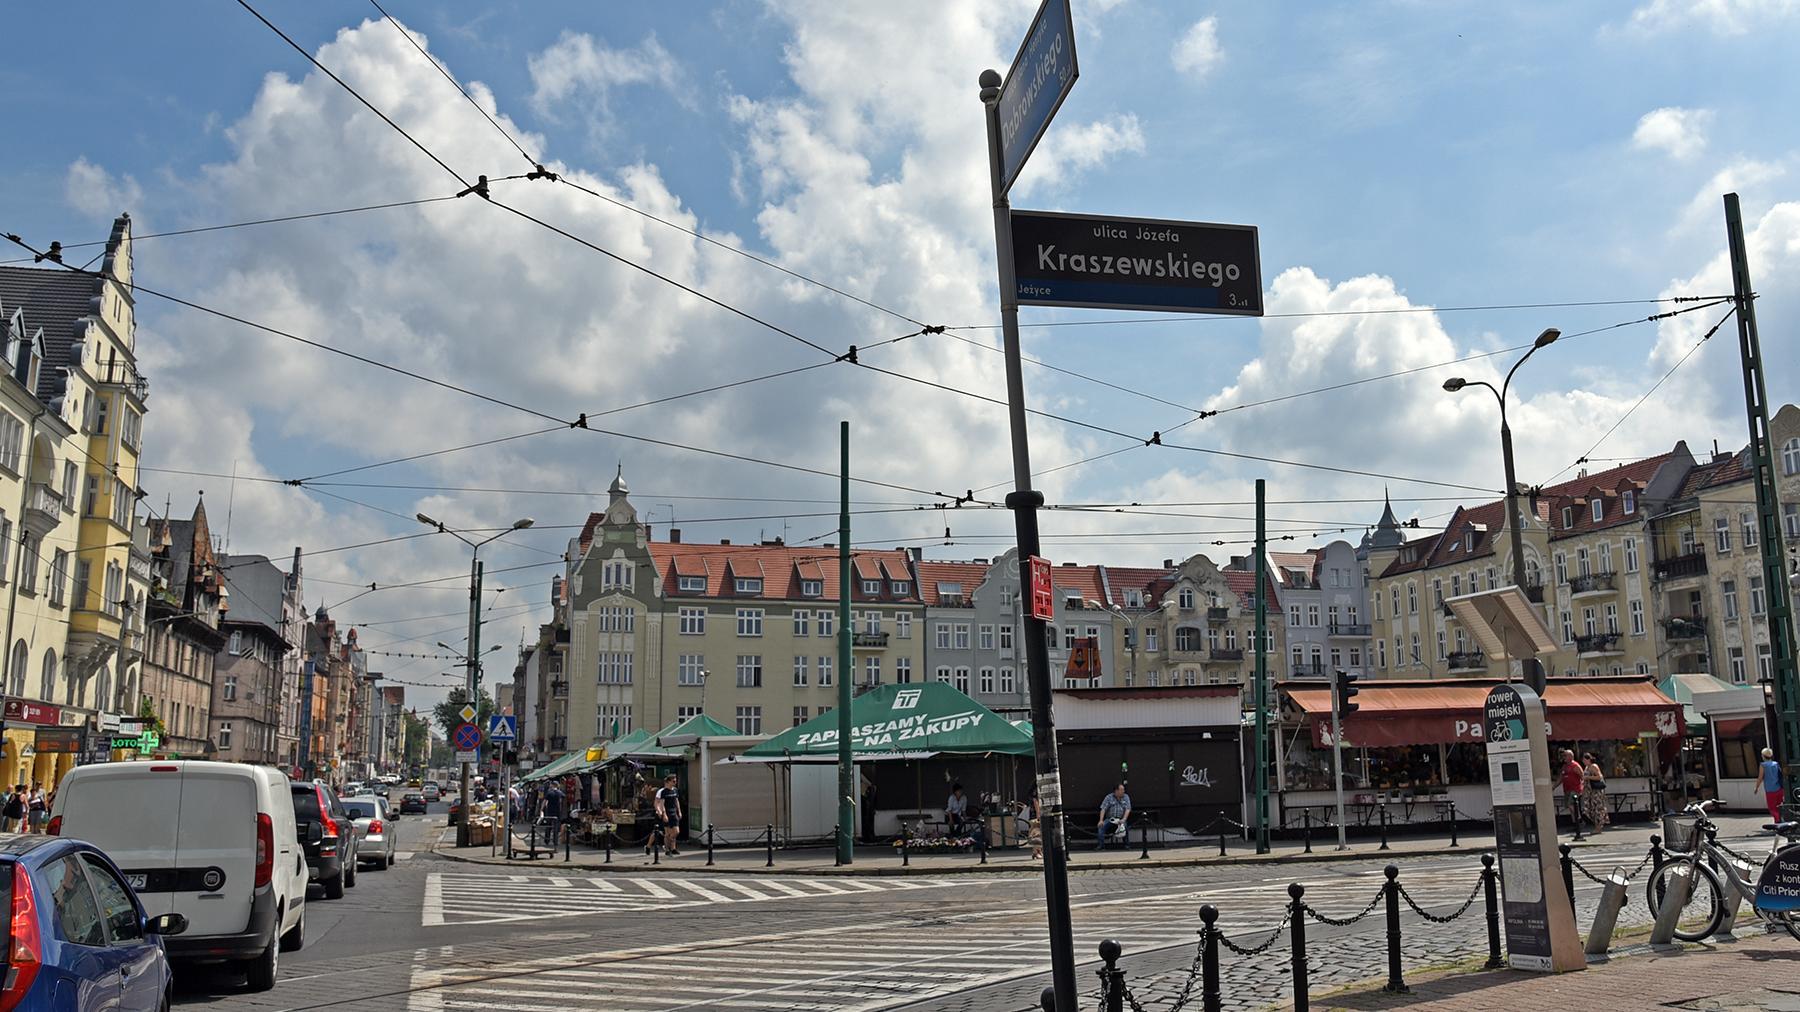 Dąbrowskiego_Kraszewskiego_Jeżyce - Urząd Miasta Poznania